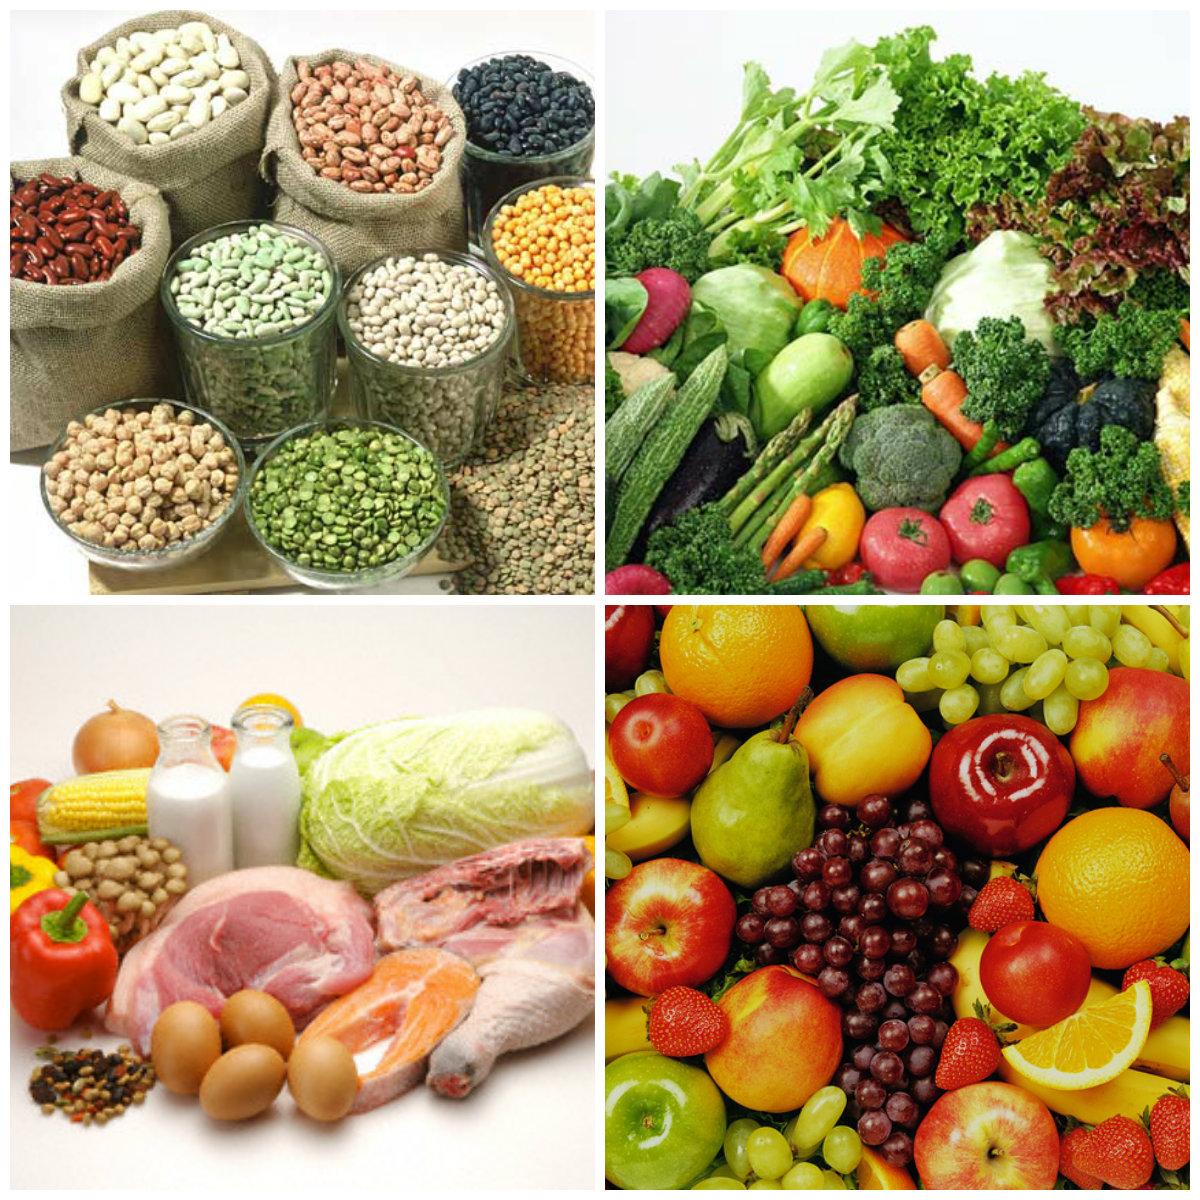 Bổ sung đầy đủ dưỡng chất từ các loại thực phẩm sẽ giúp bạn sở hữu đôi mi dày và khỏe mạnh hơn